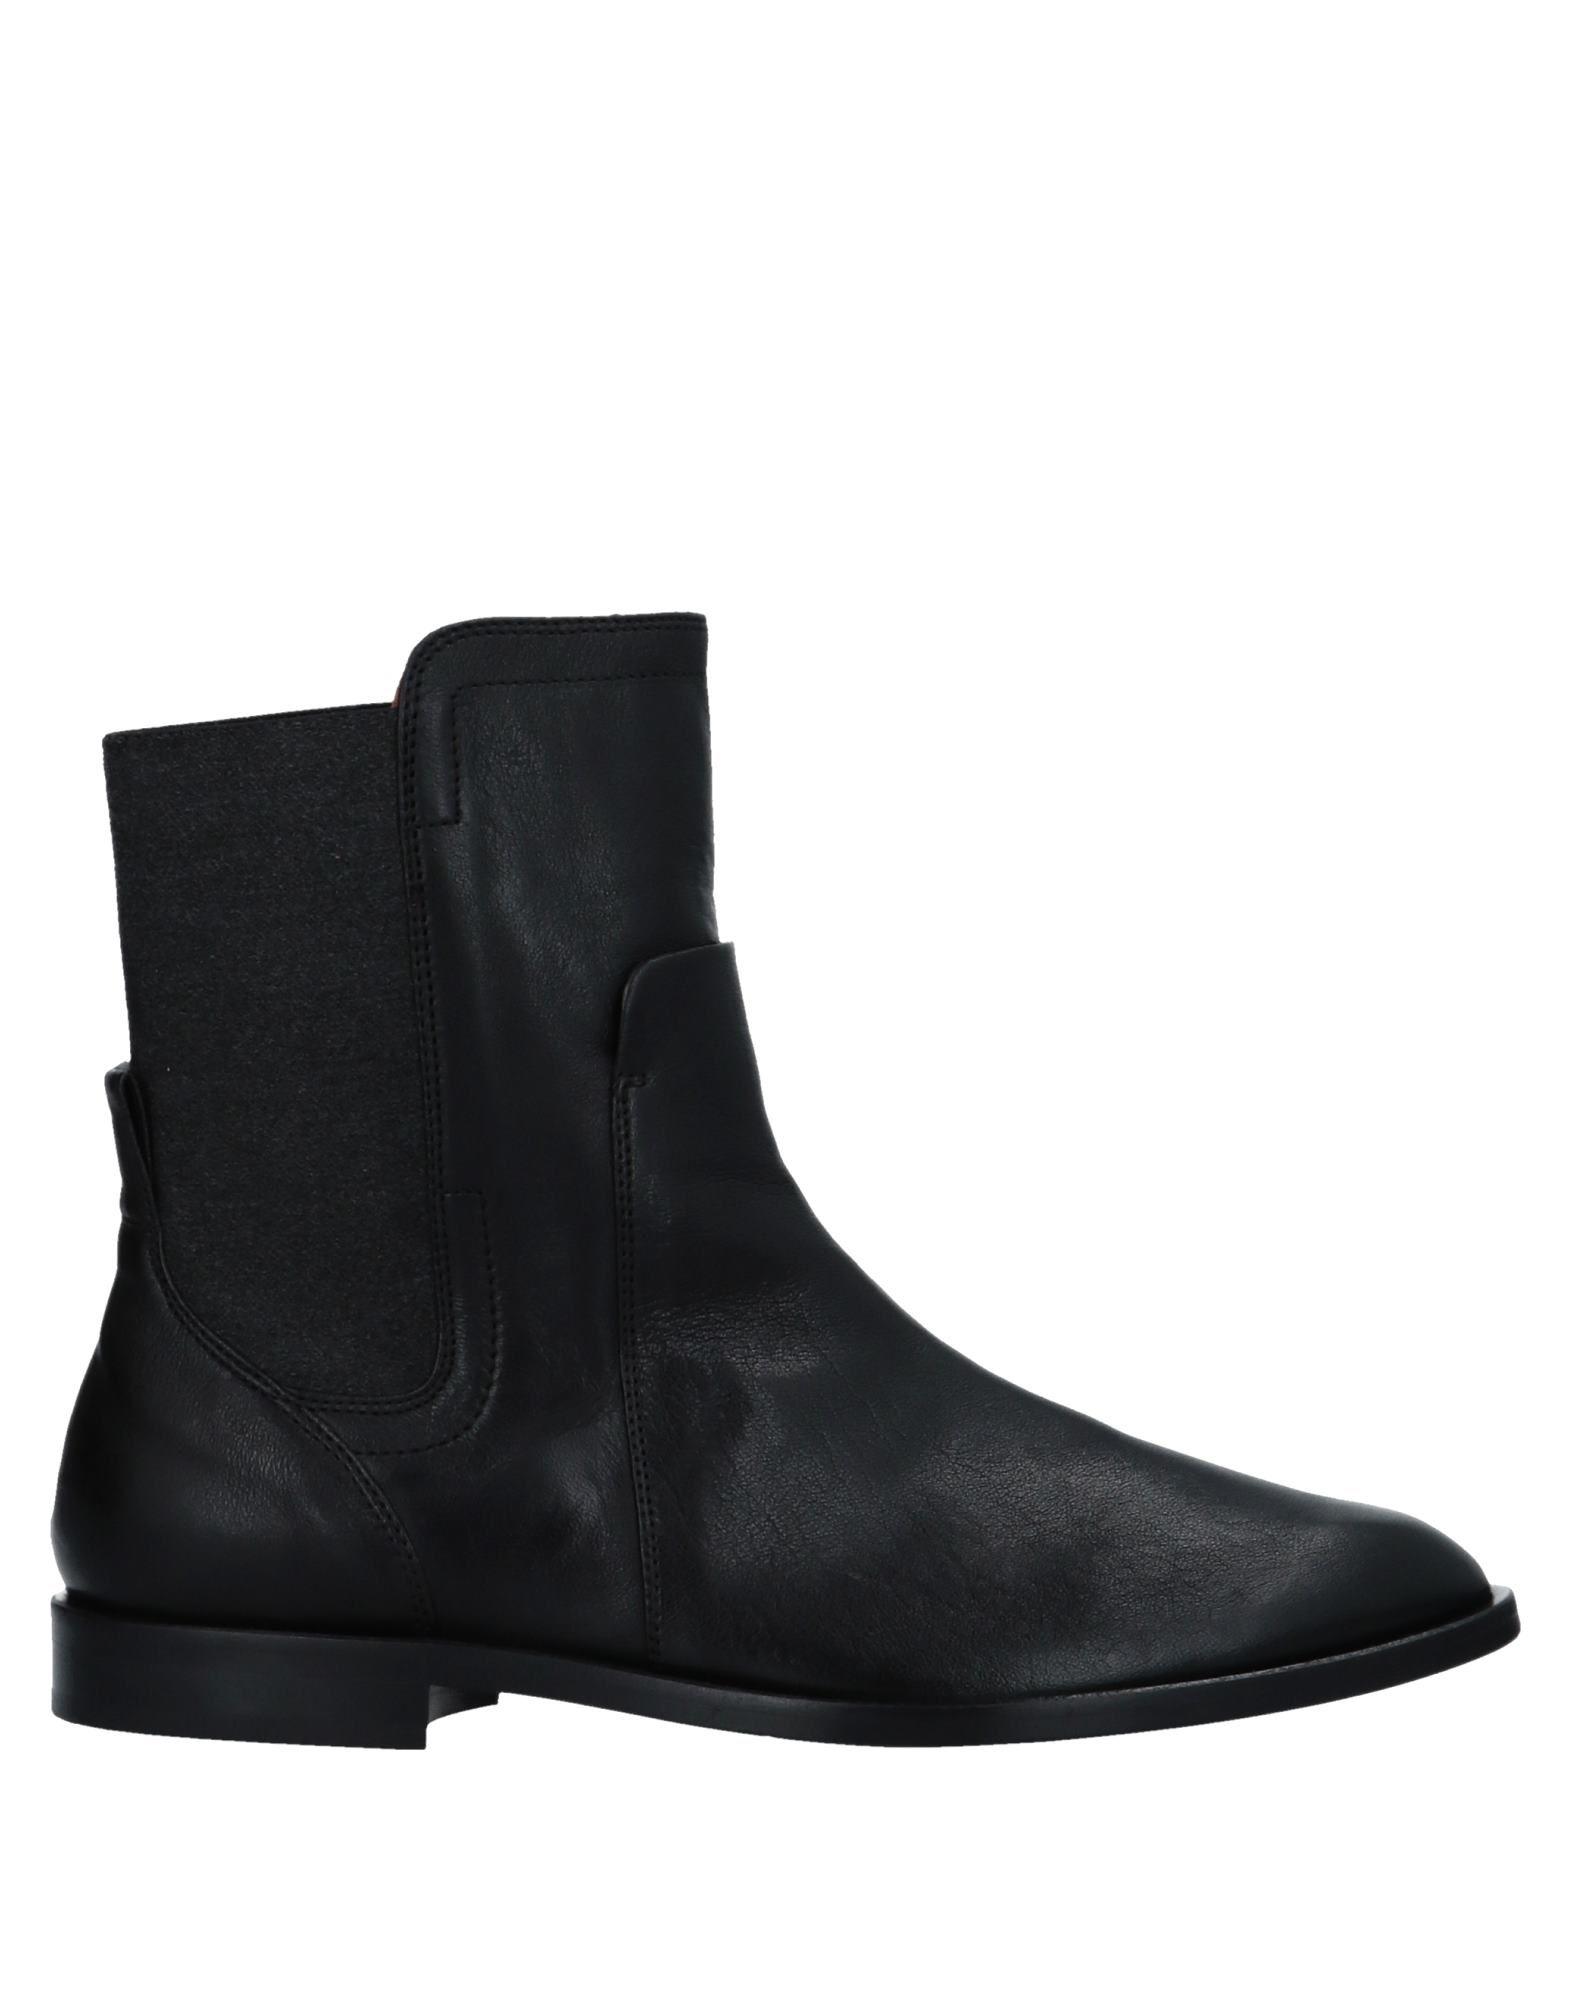 Alberto Fermani Stiefelette Damen  11535225MHGut aussehende strapazierfähige Schuhe